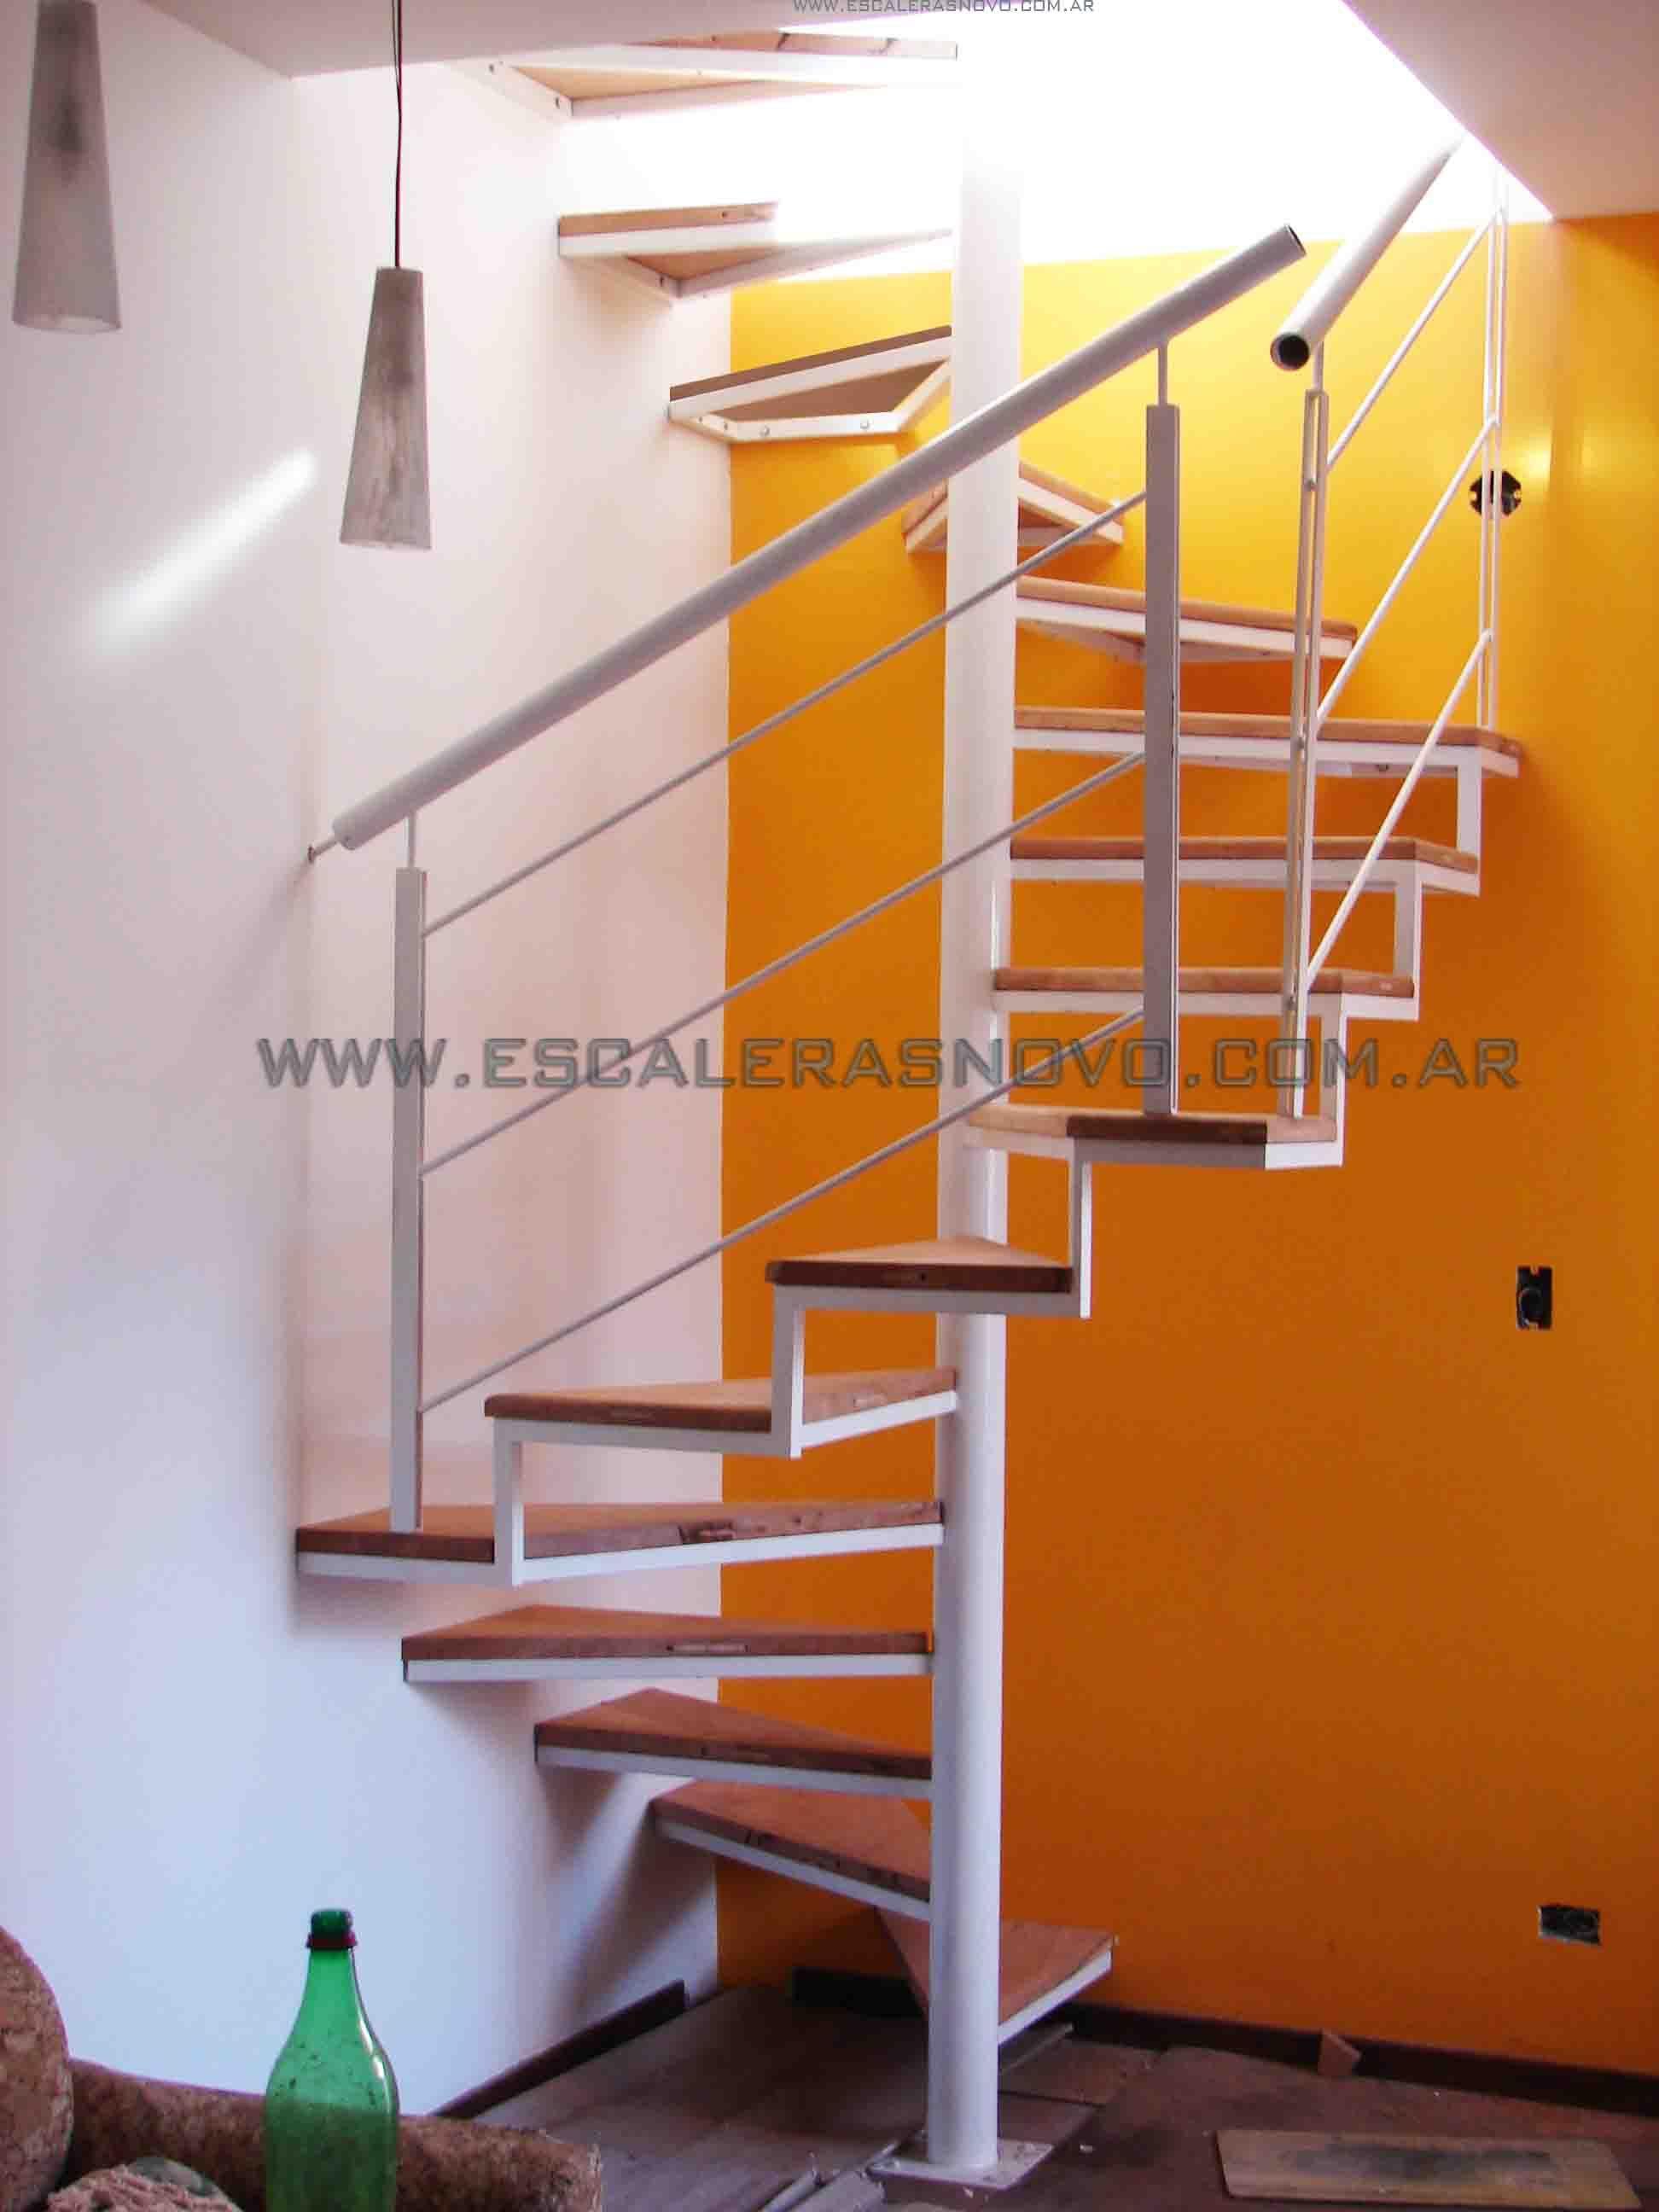 Escaleras caracol cuadrada deco pinterest escalera for Escaleras de caracol